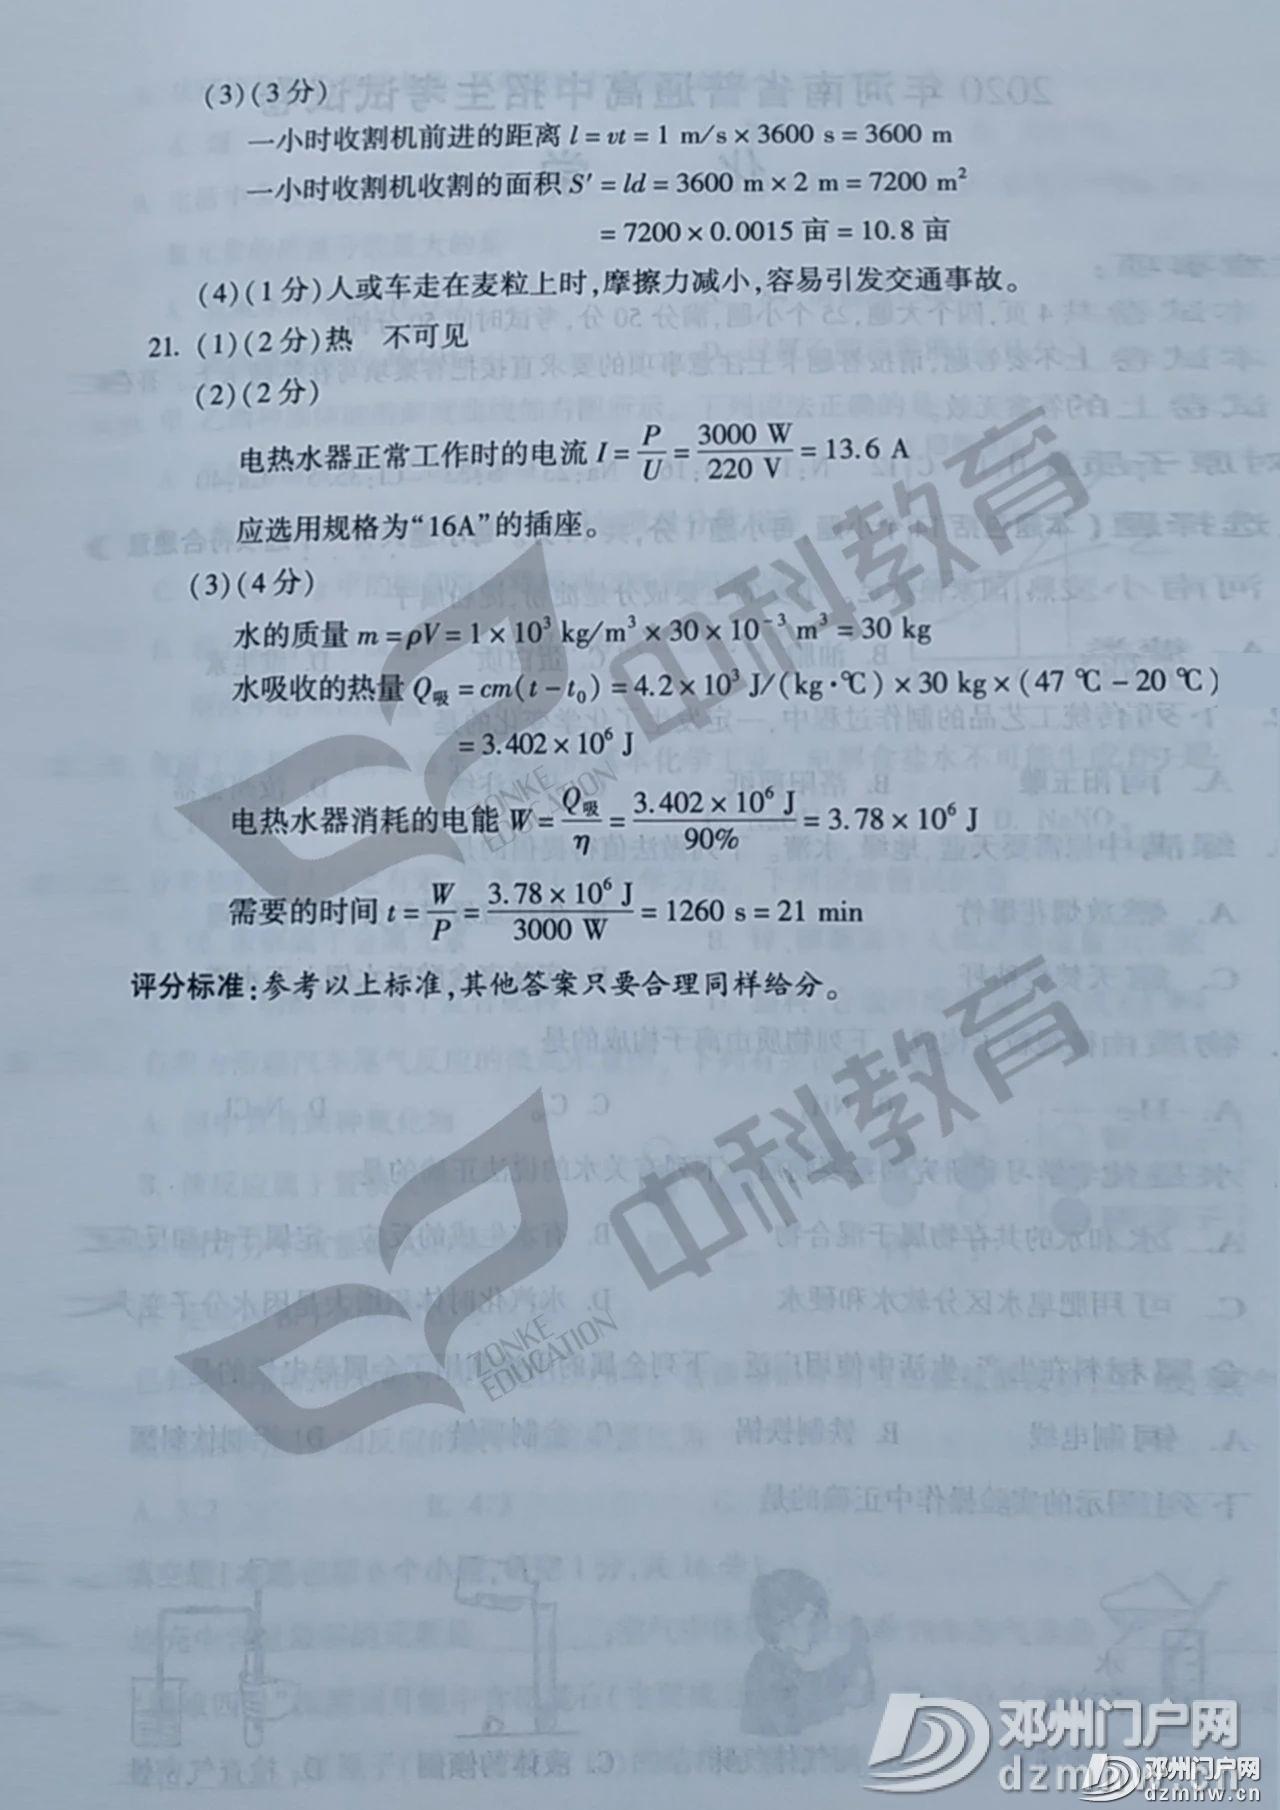 最新!邓州2020年中招各科试题及答案公布,请转发给身边的初三学生家长! - 邓州门户网|邓州网 - 888c7498b481fa74b2161193258a40de.jpg